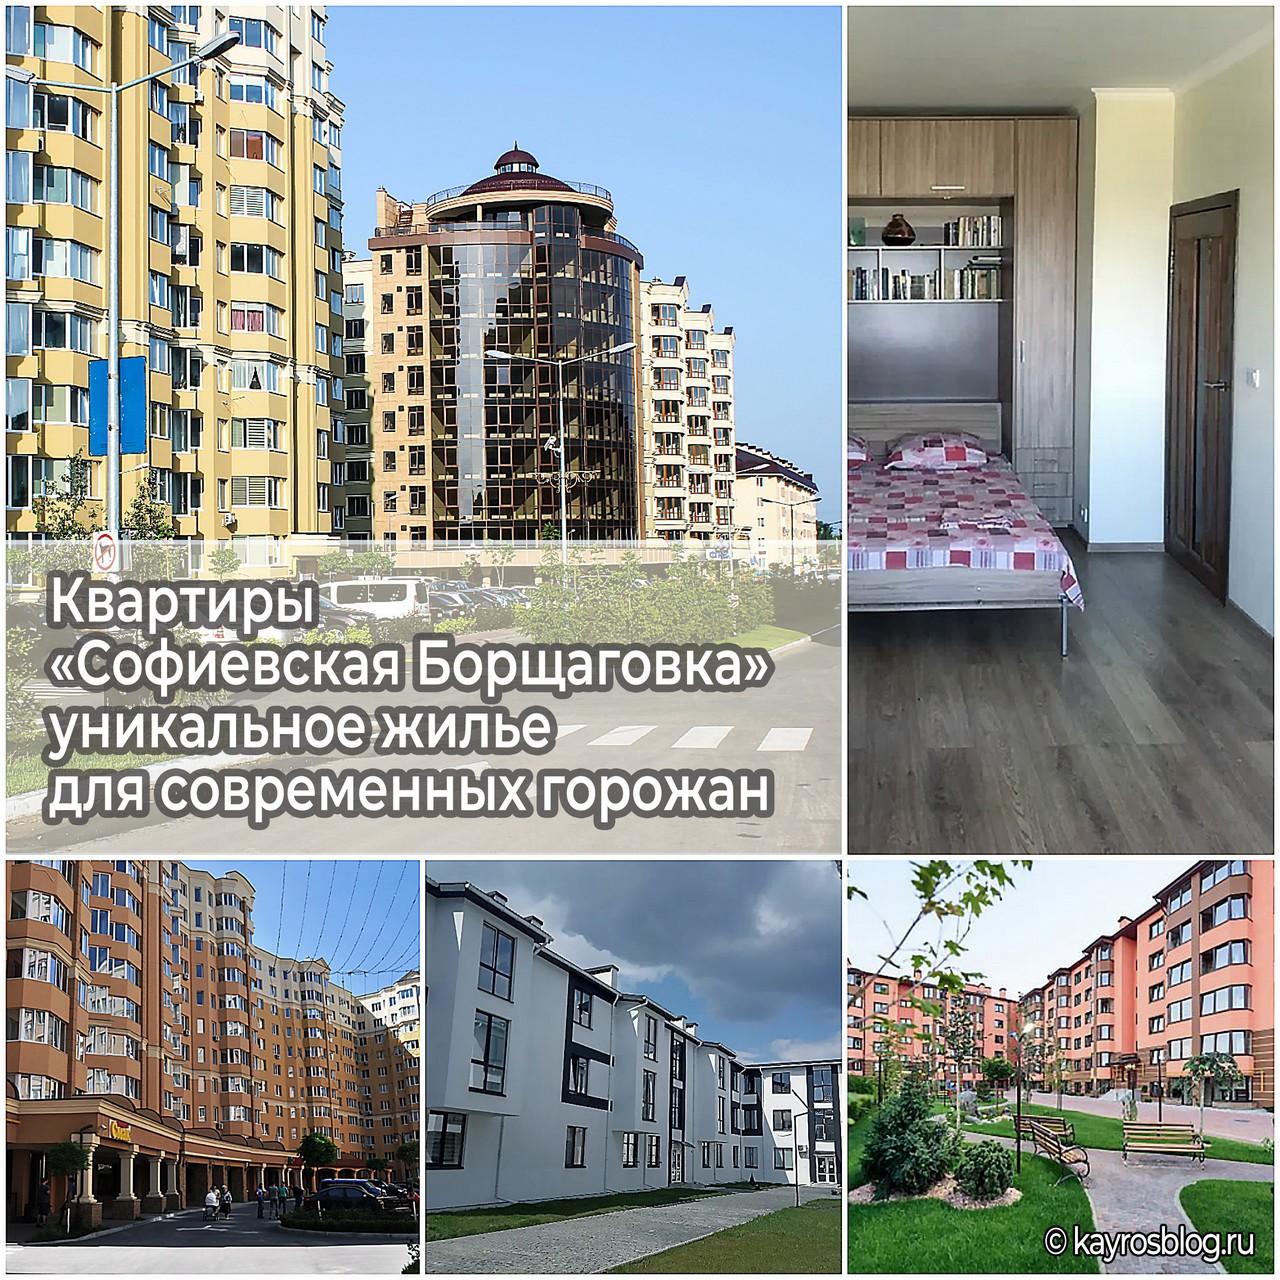 Квартиры «Софиевская Борщаговка» – уникальное жилье для современных горожан